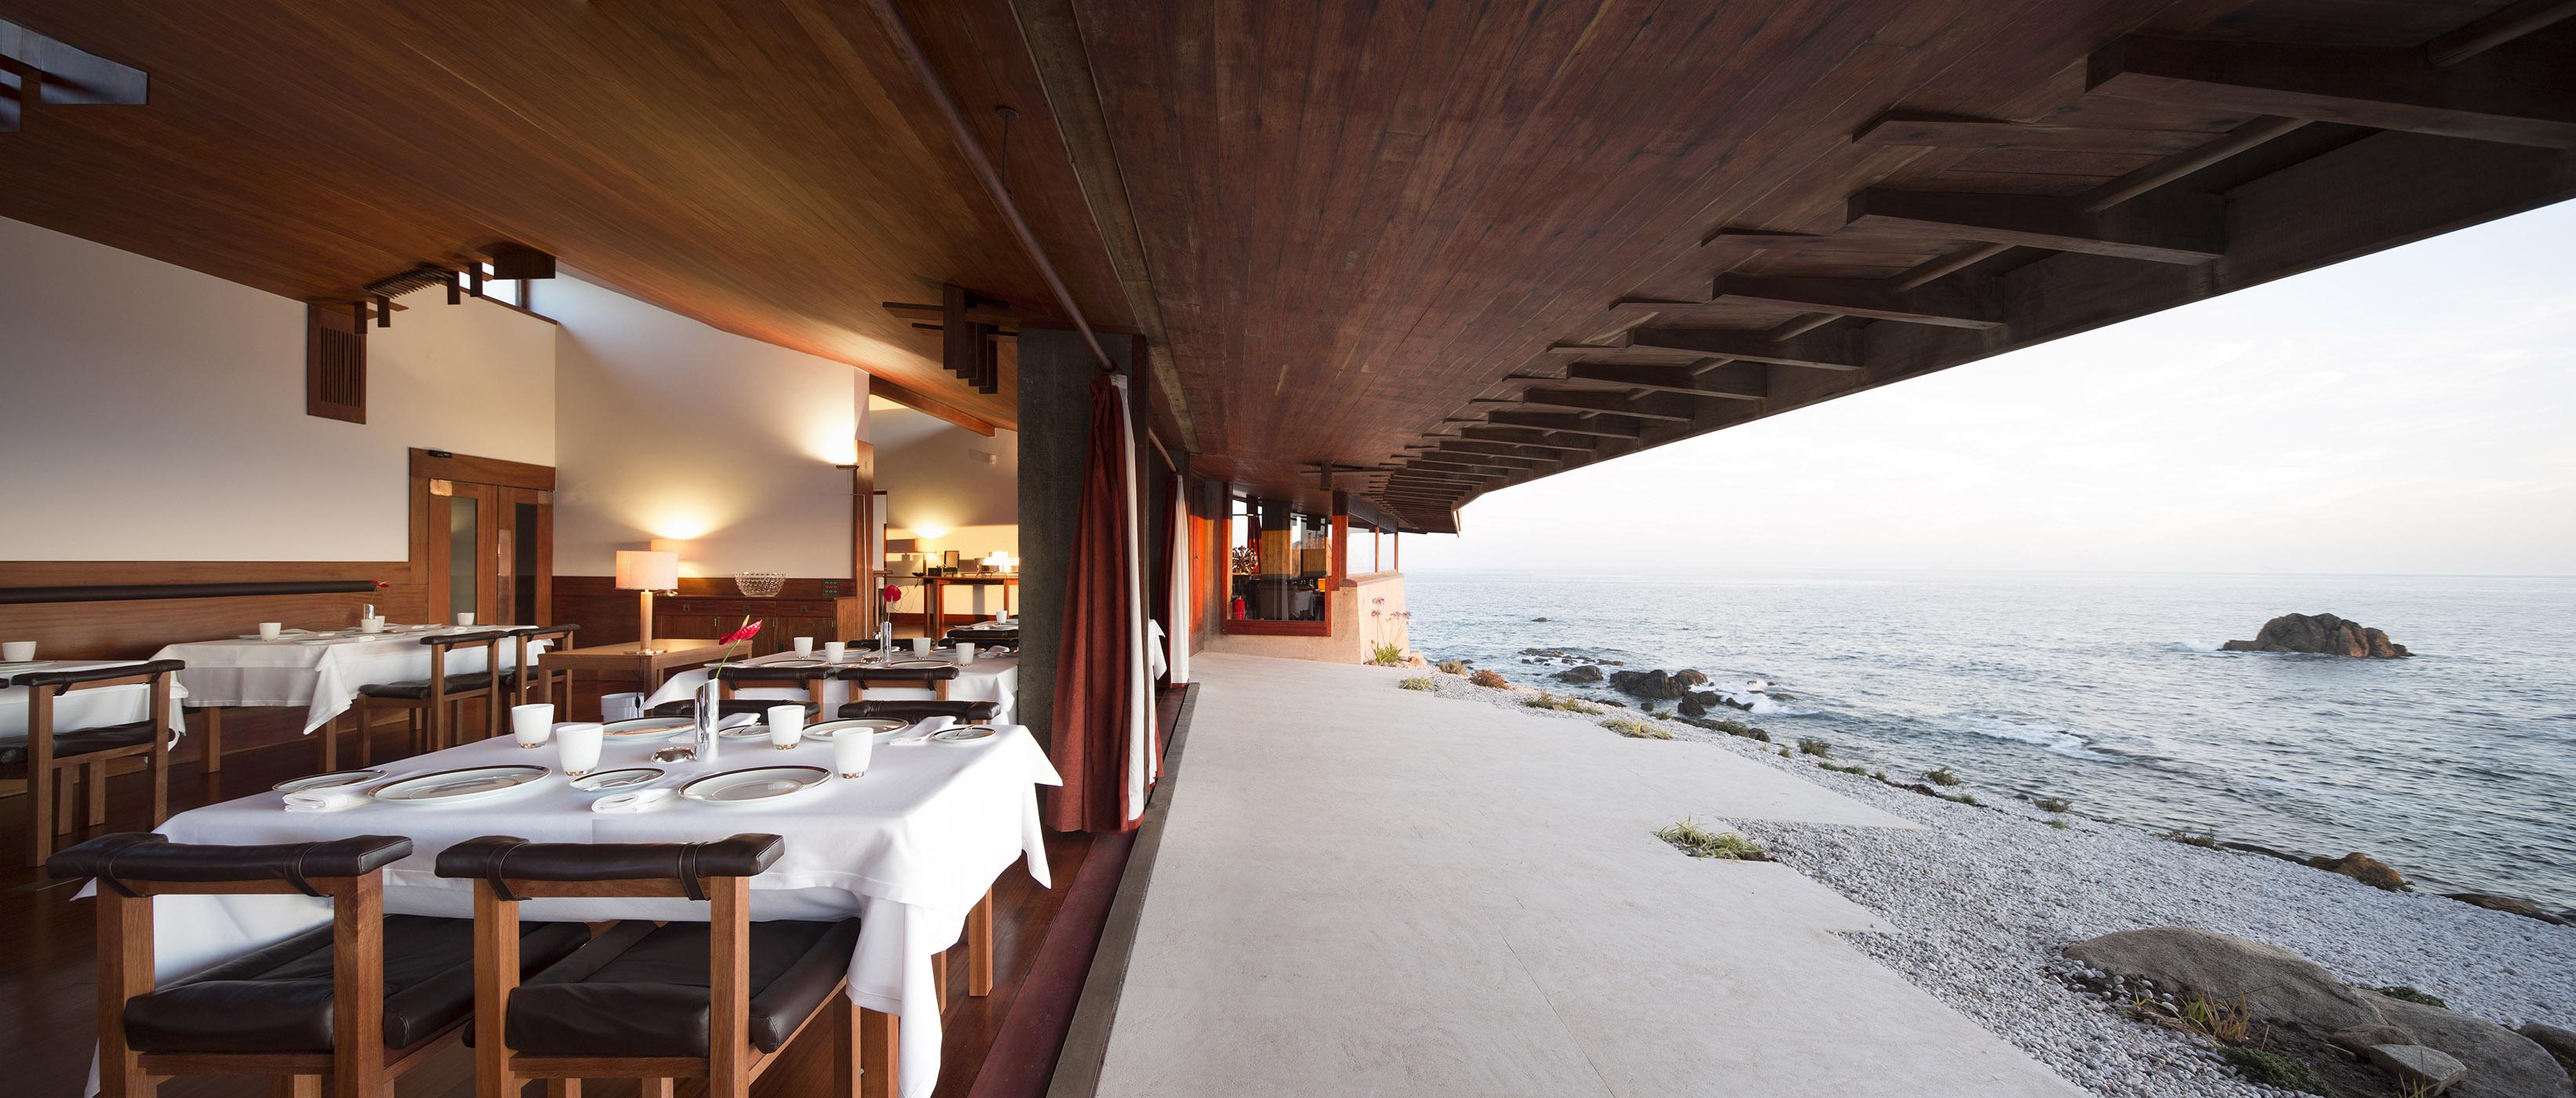 Best Restaurants in Northern Portugal restaurants Best Restaurants from Northern Portugal boa nova